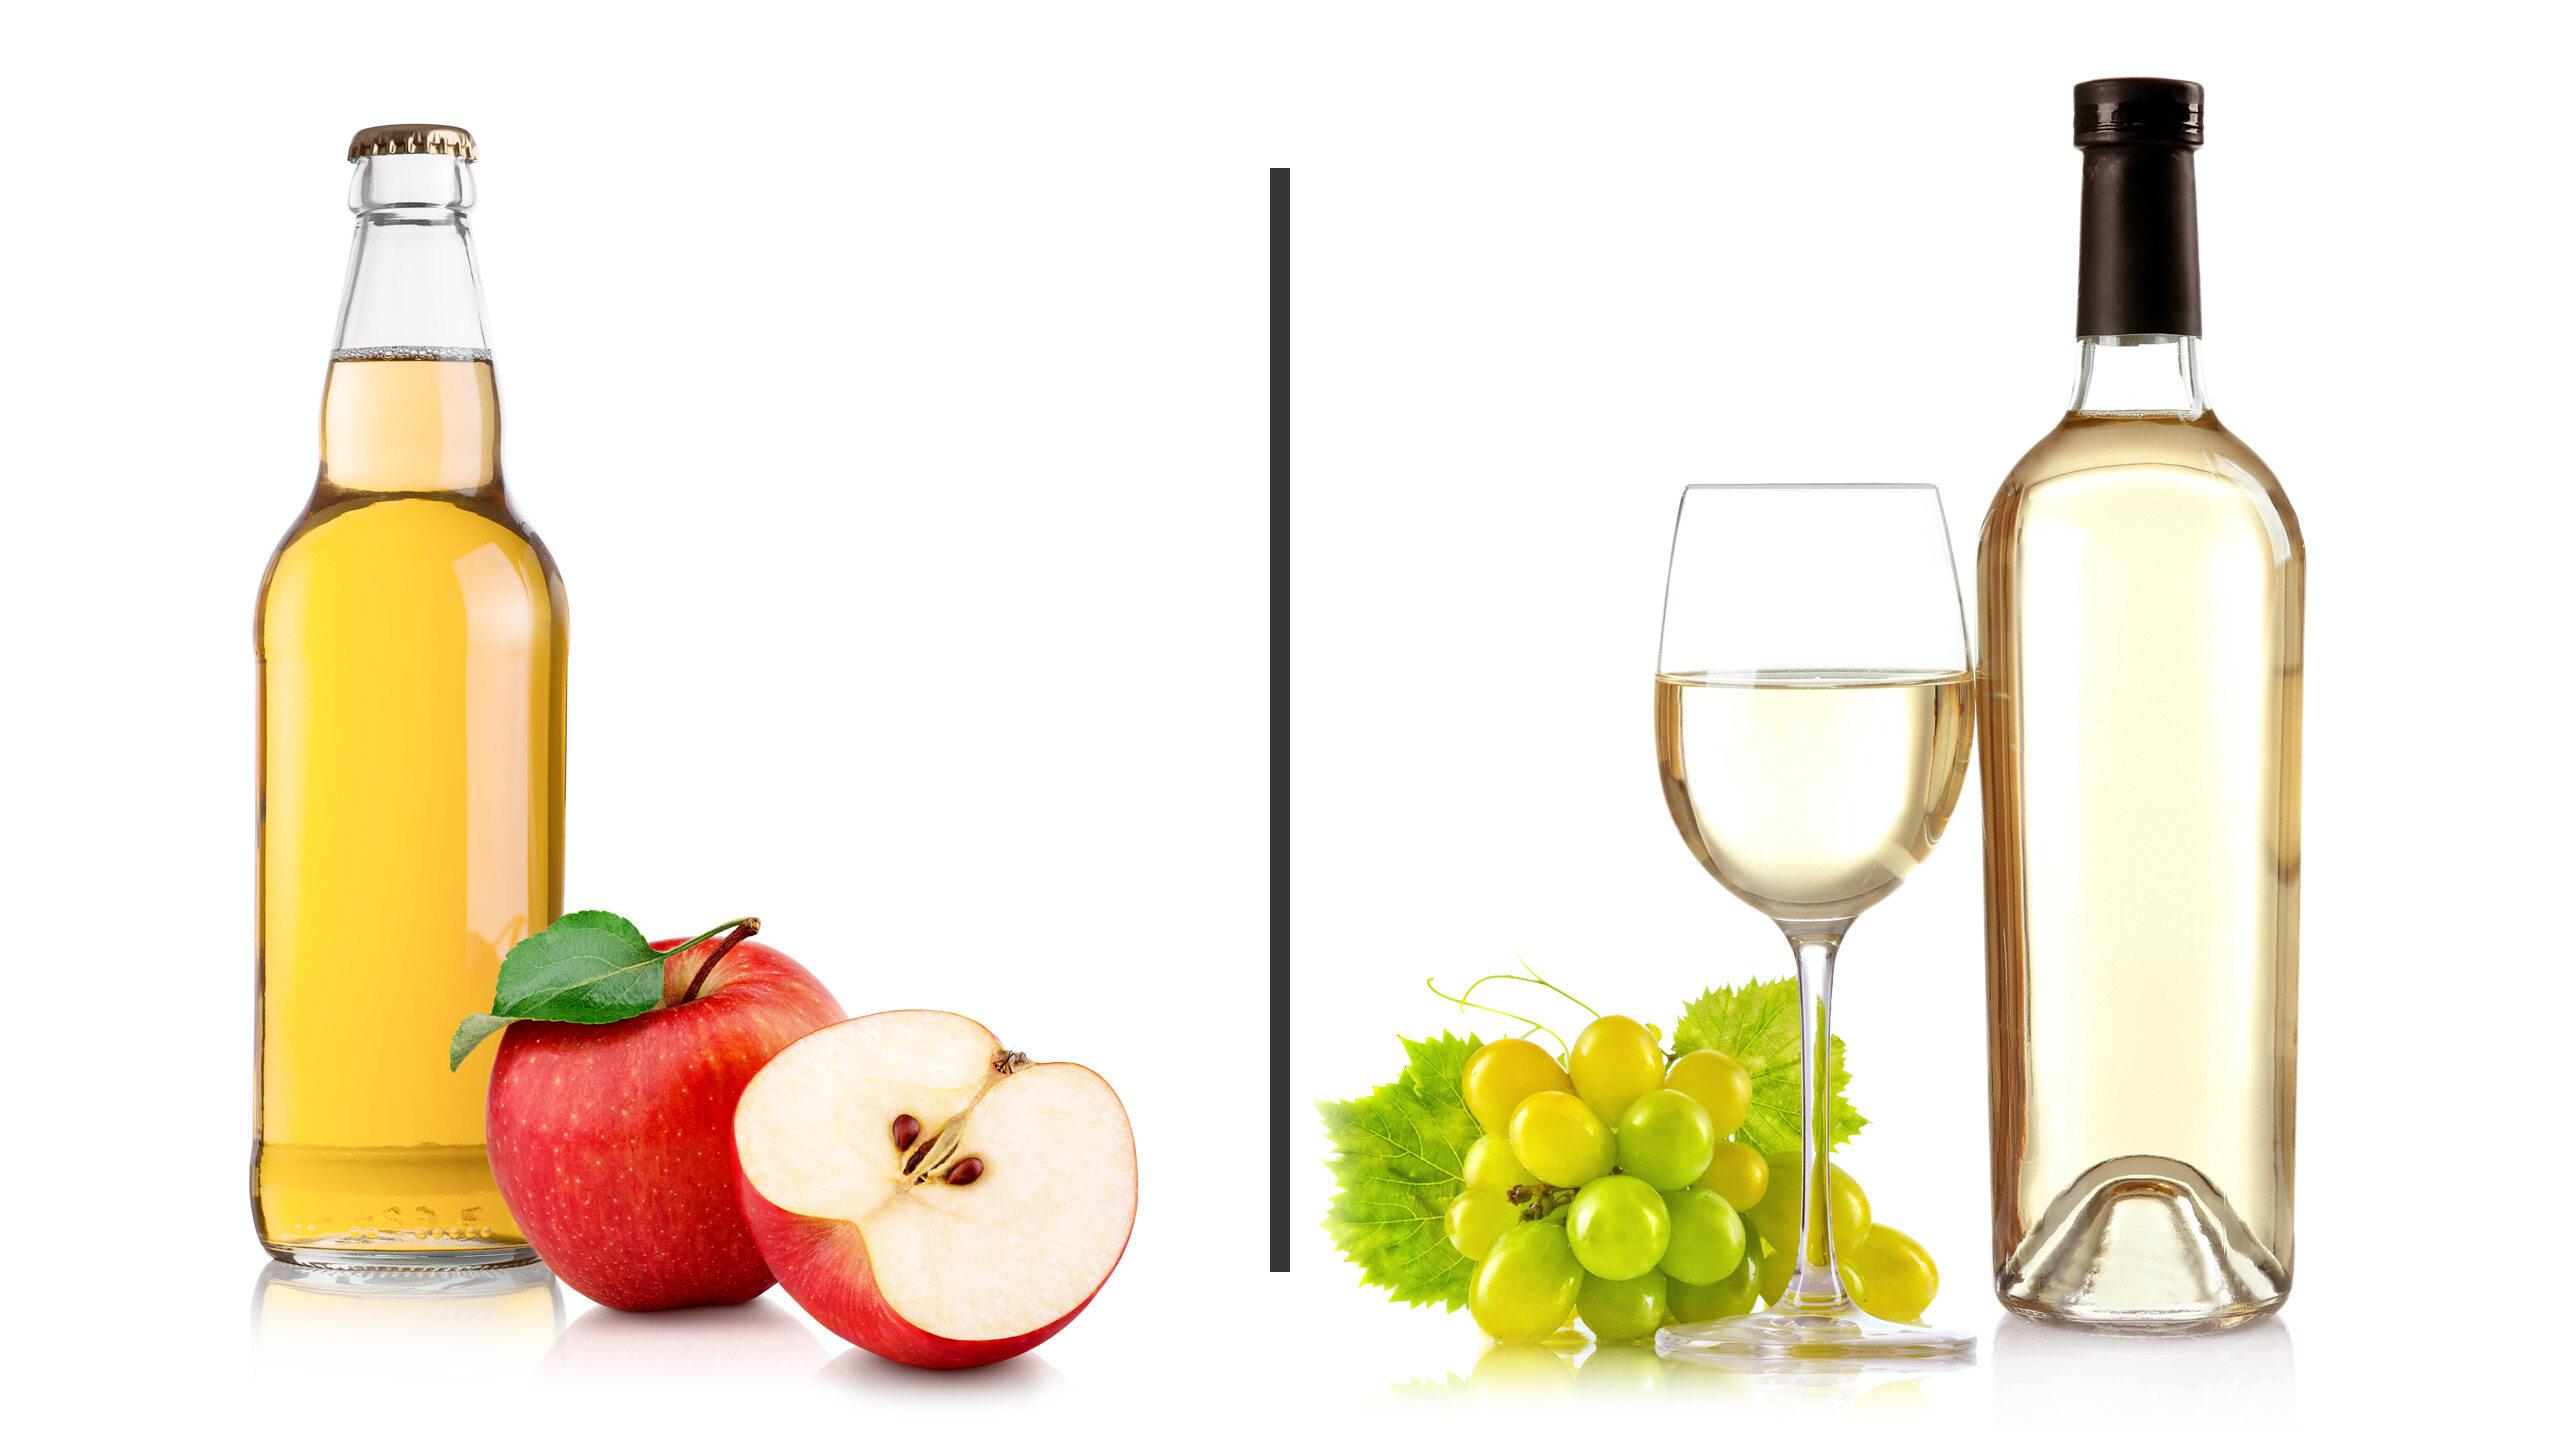 Cydr kontra białe wino - ilustracja